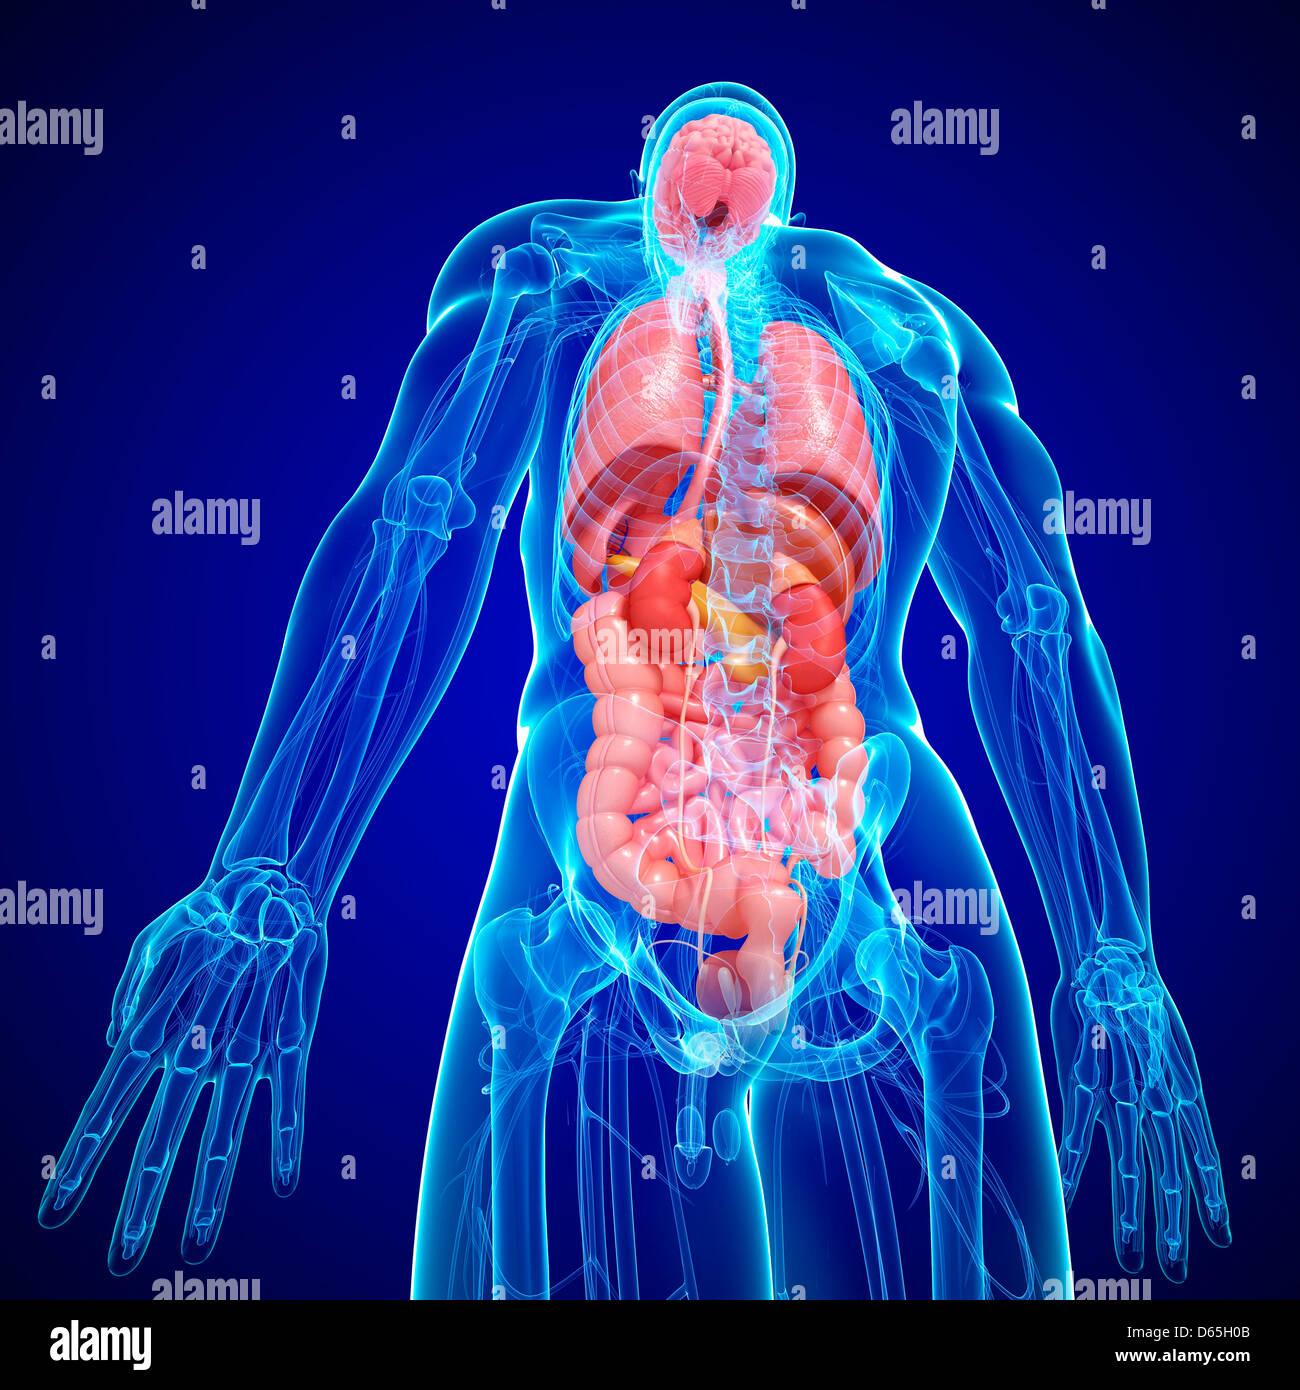 Pancreas And Kidney Stockfotos & Pancreas And Kidney Bilder - Alamy